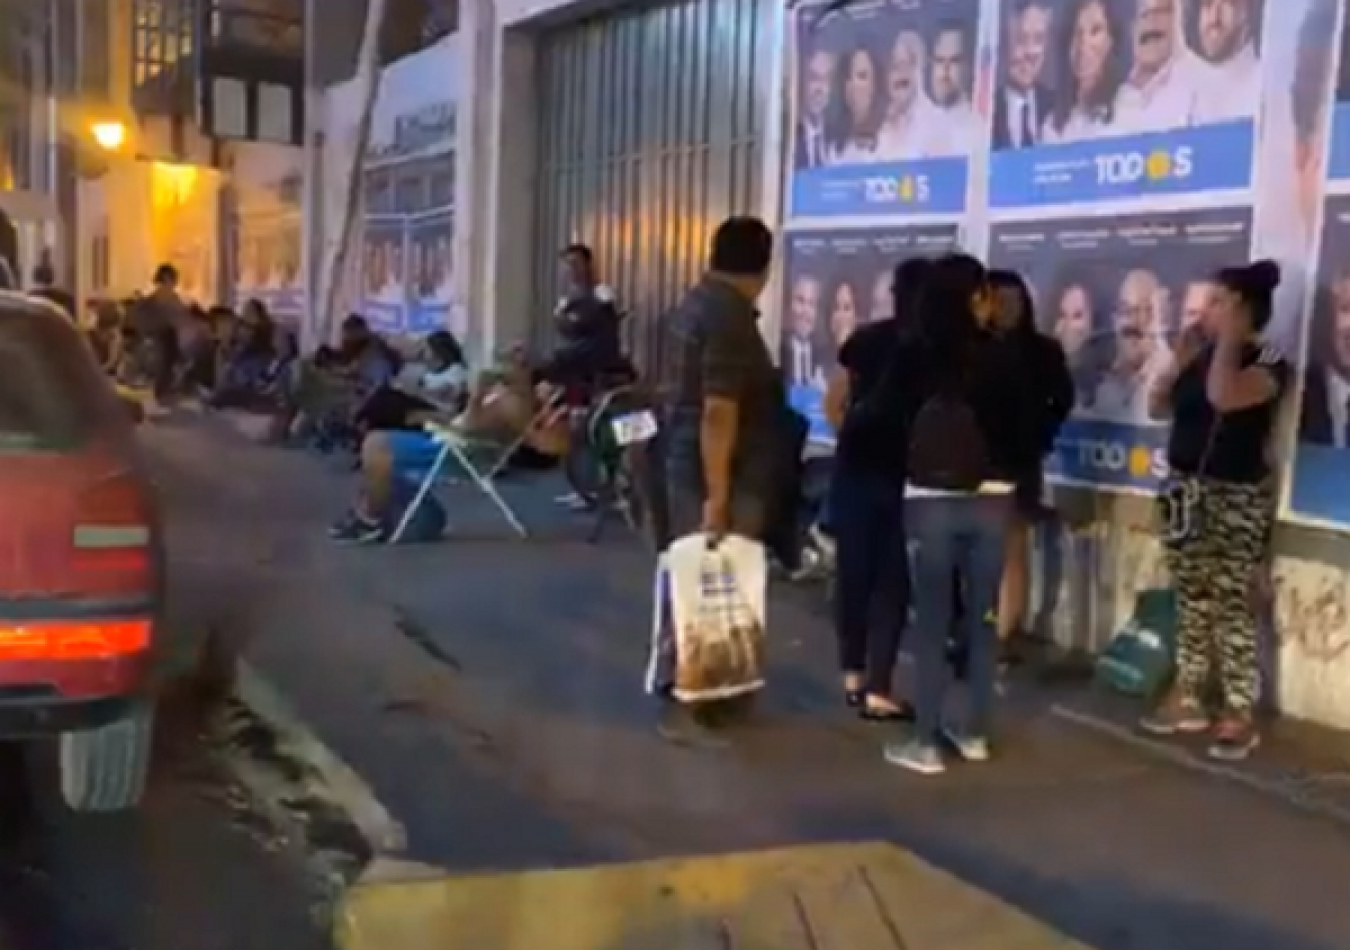 """Salteños acampan afuera de un colegio para inscribir a sus hijos: """"No todos tienen suerte"""" [VIDEO]"""